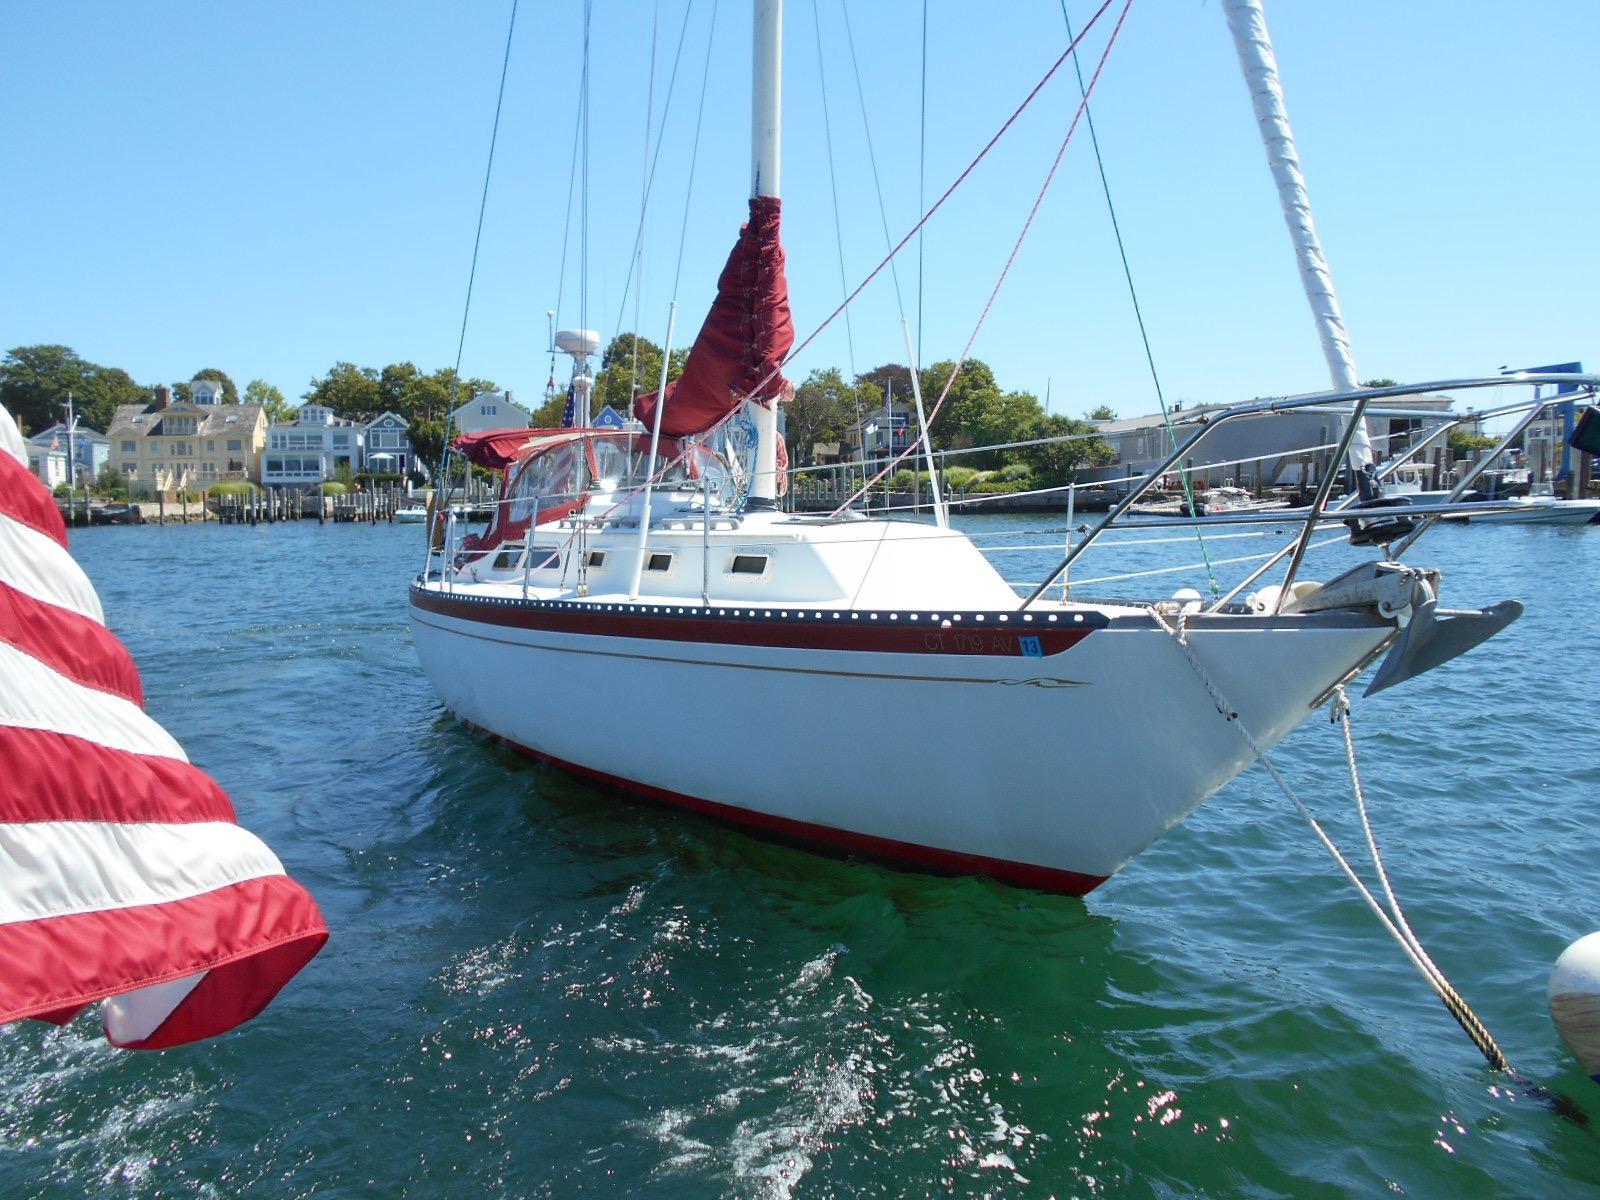 1979 Islander 36 Sail Boat For Sale - www.yachtworld.com